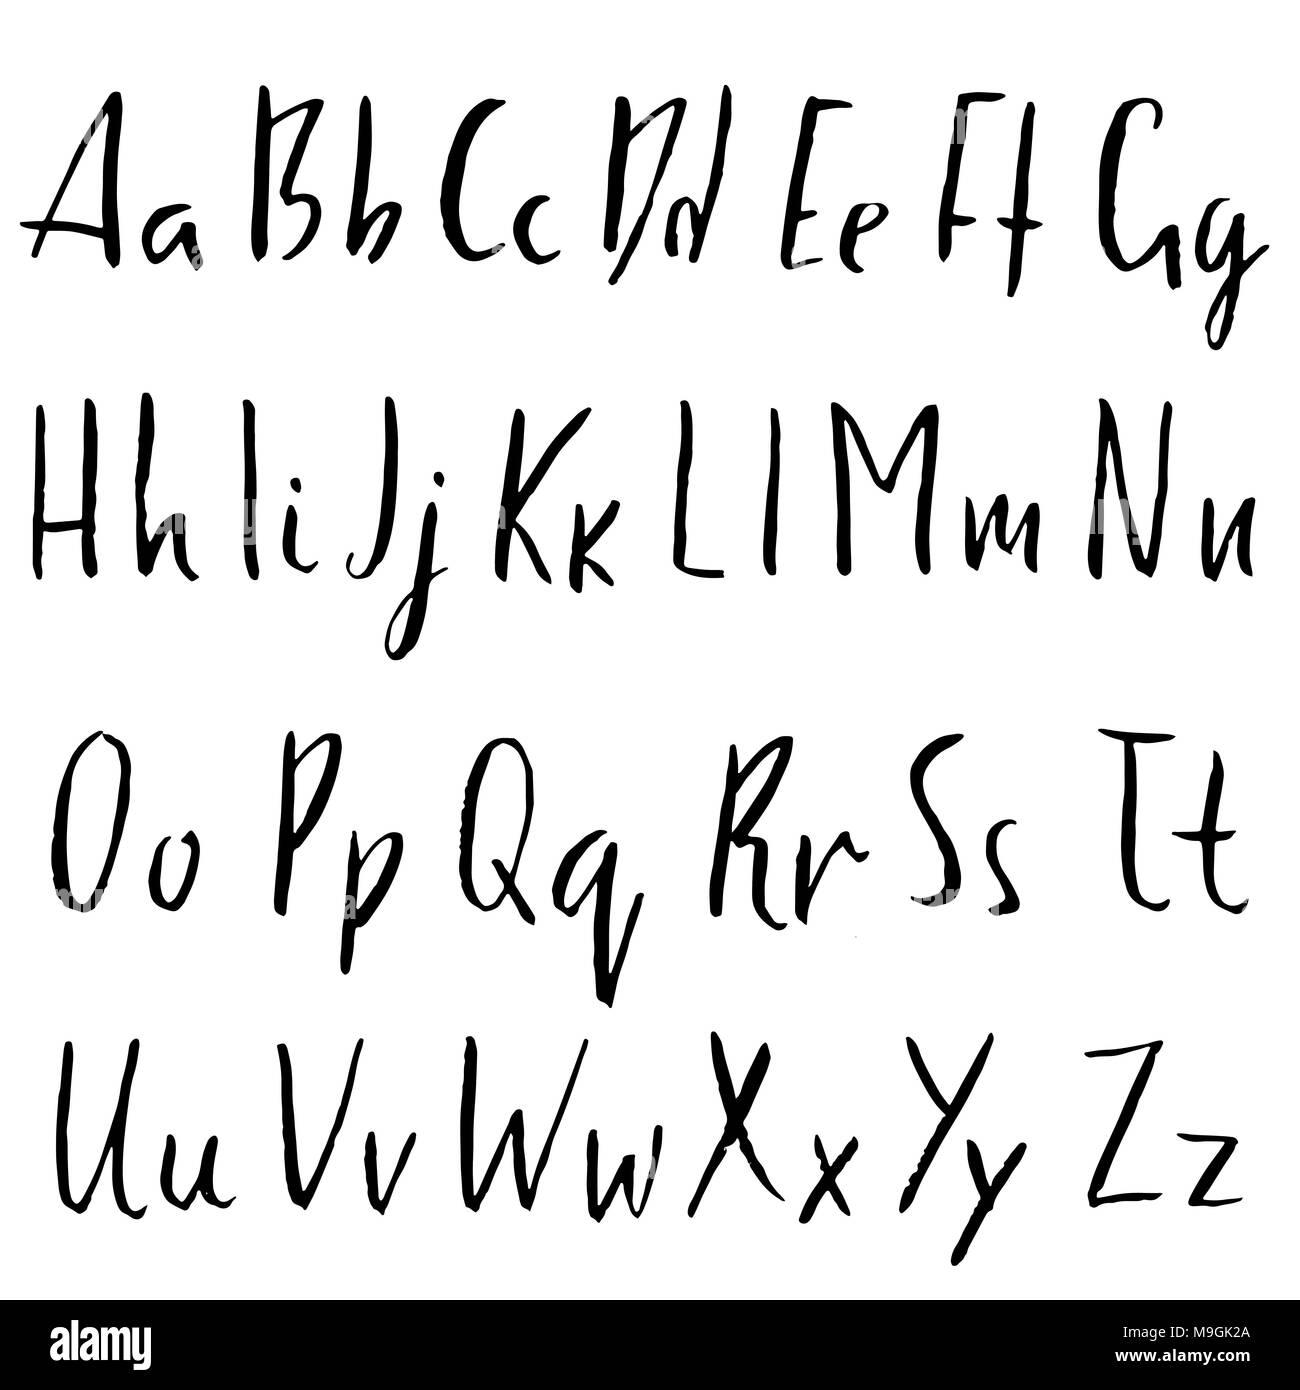 Handdrawn Dry Brush Font Modern Brush Lettering Grunge Style Alphabet Vector Illustration Stock Vector Image Art Alamy